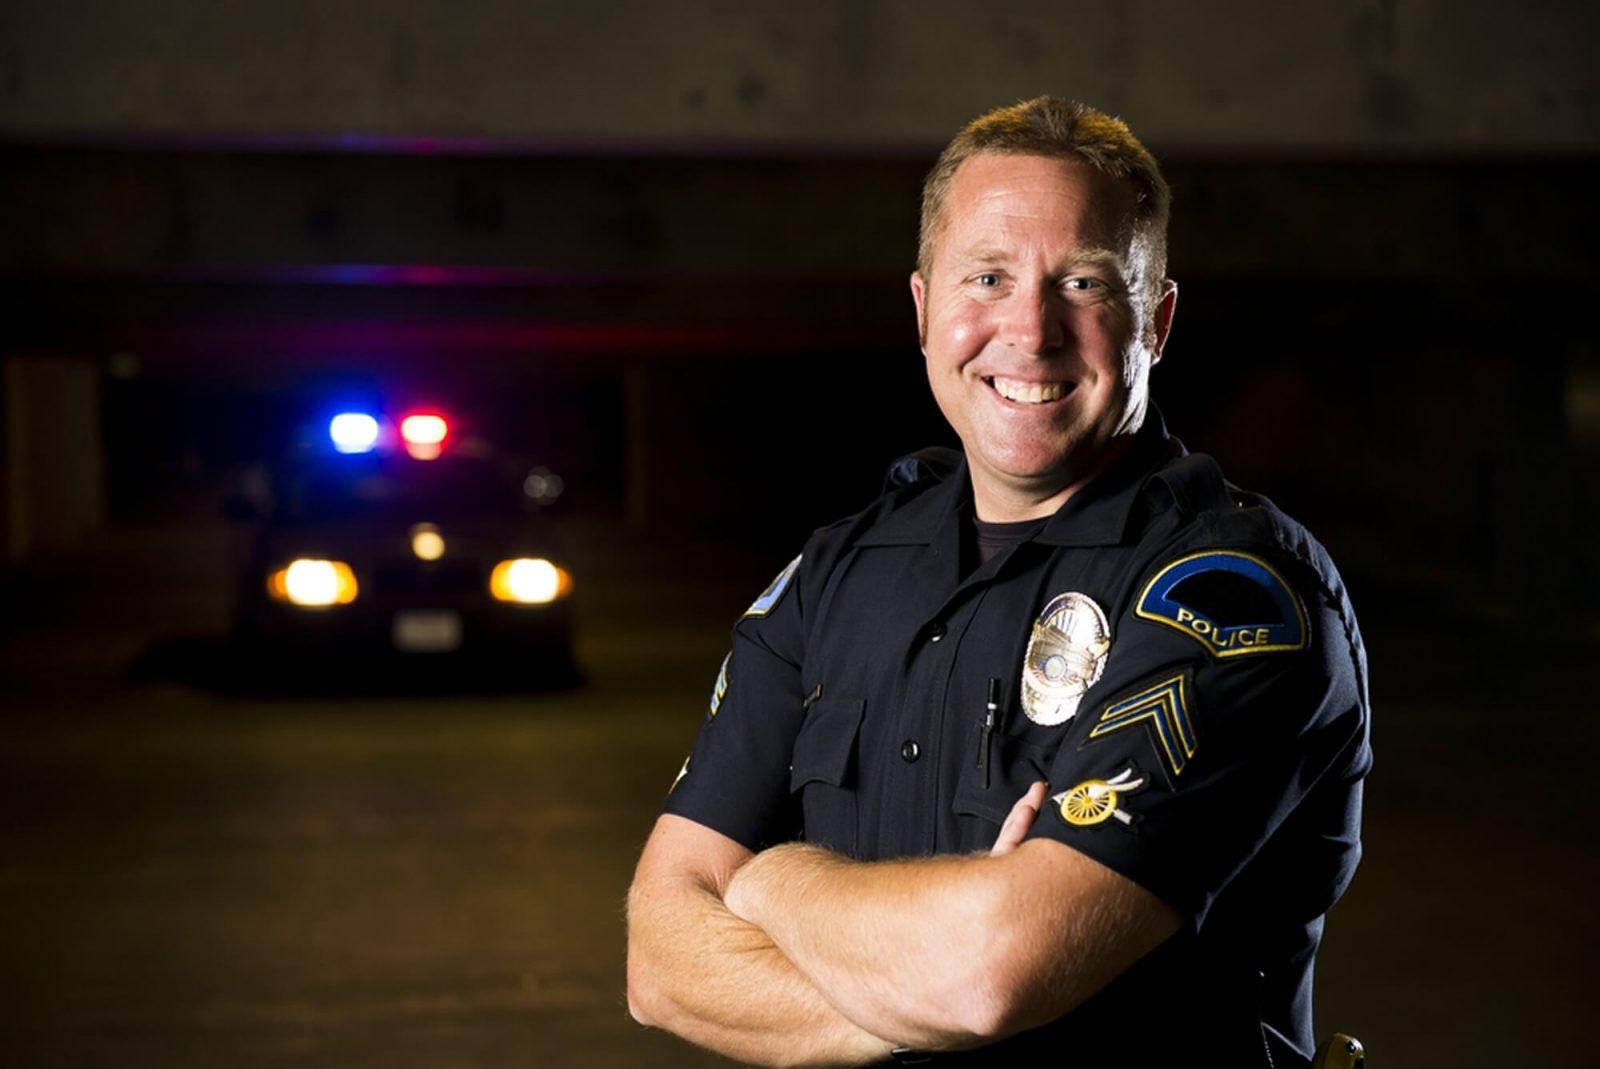 Police leader